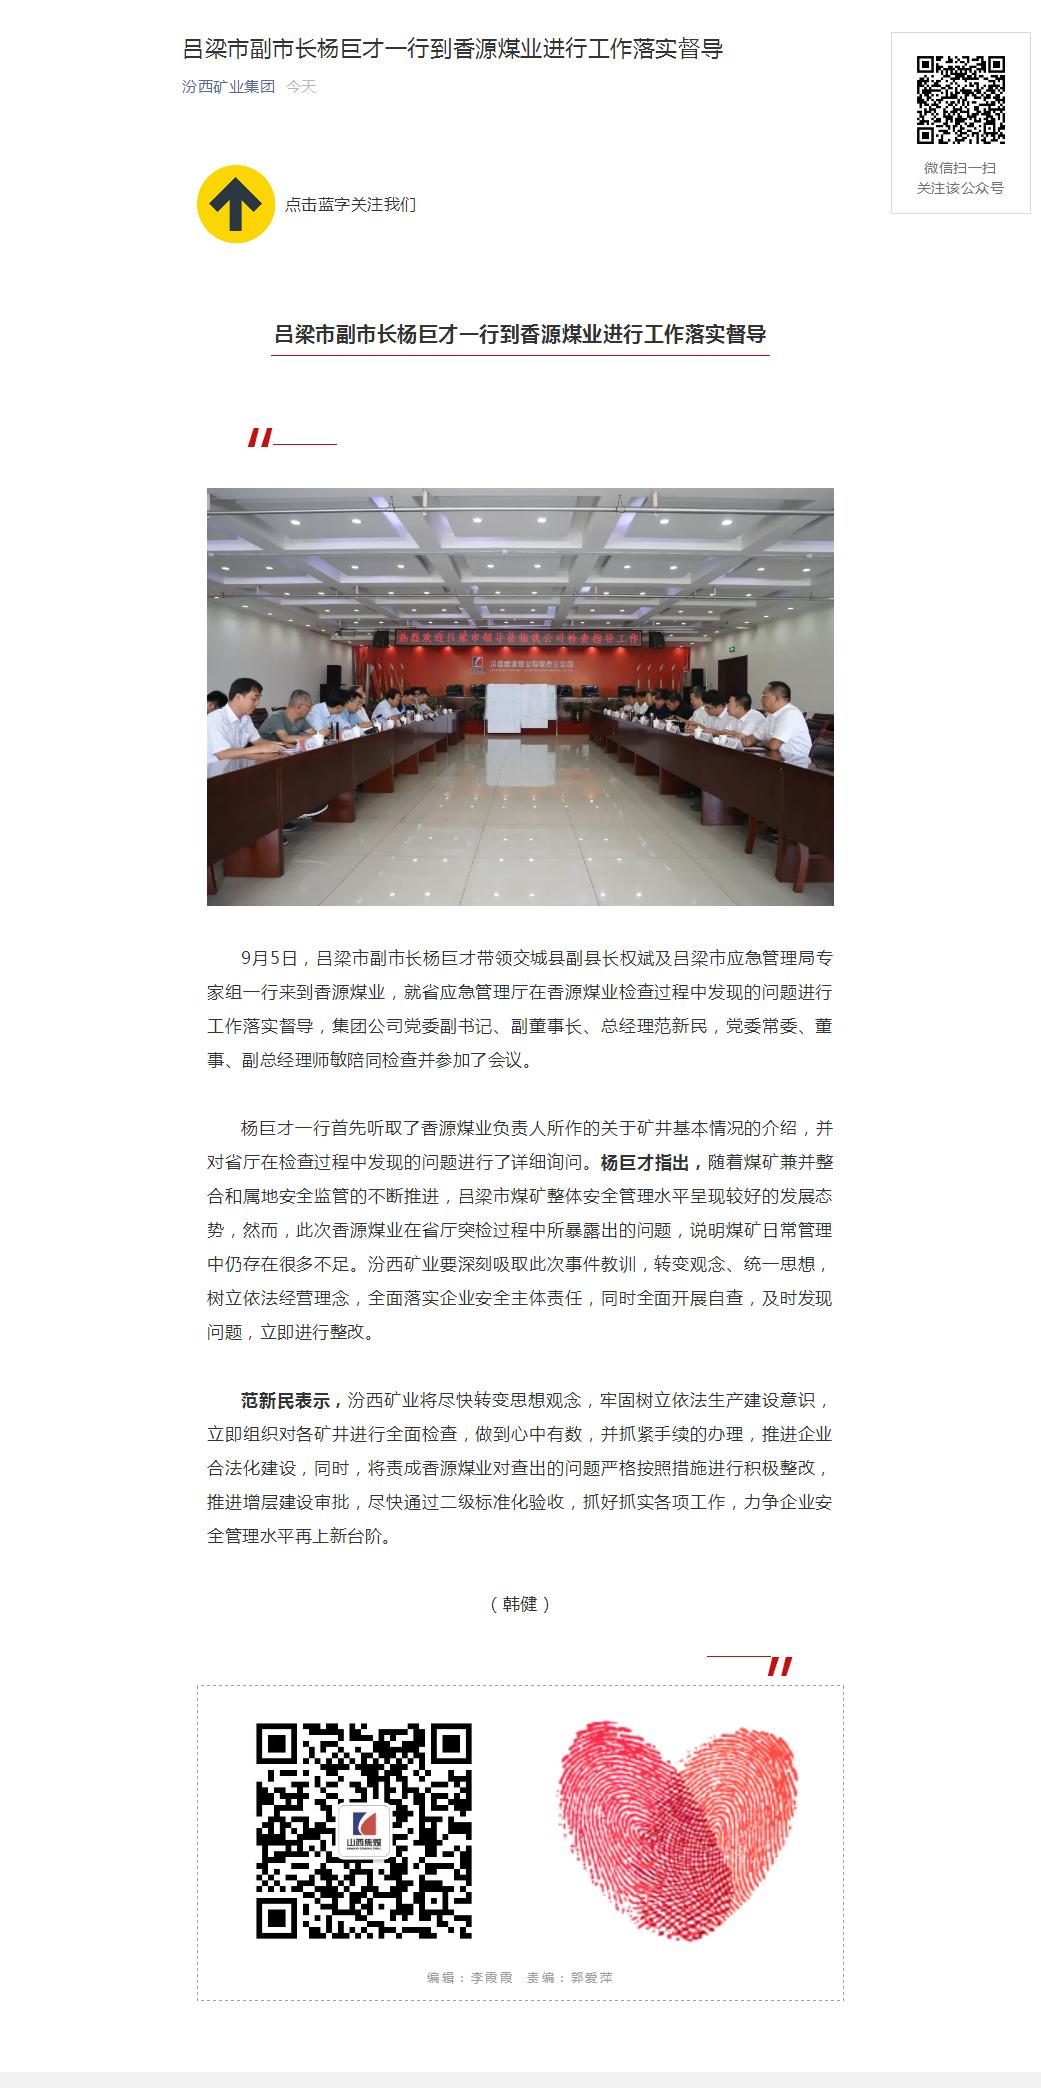 呂梁市副市長楊巨才一行到香源煤業進行工作落實督導.png